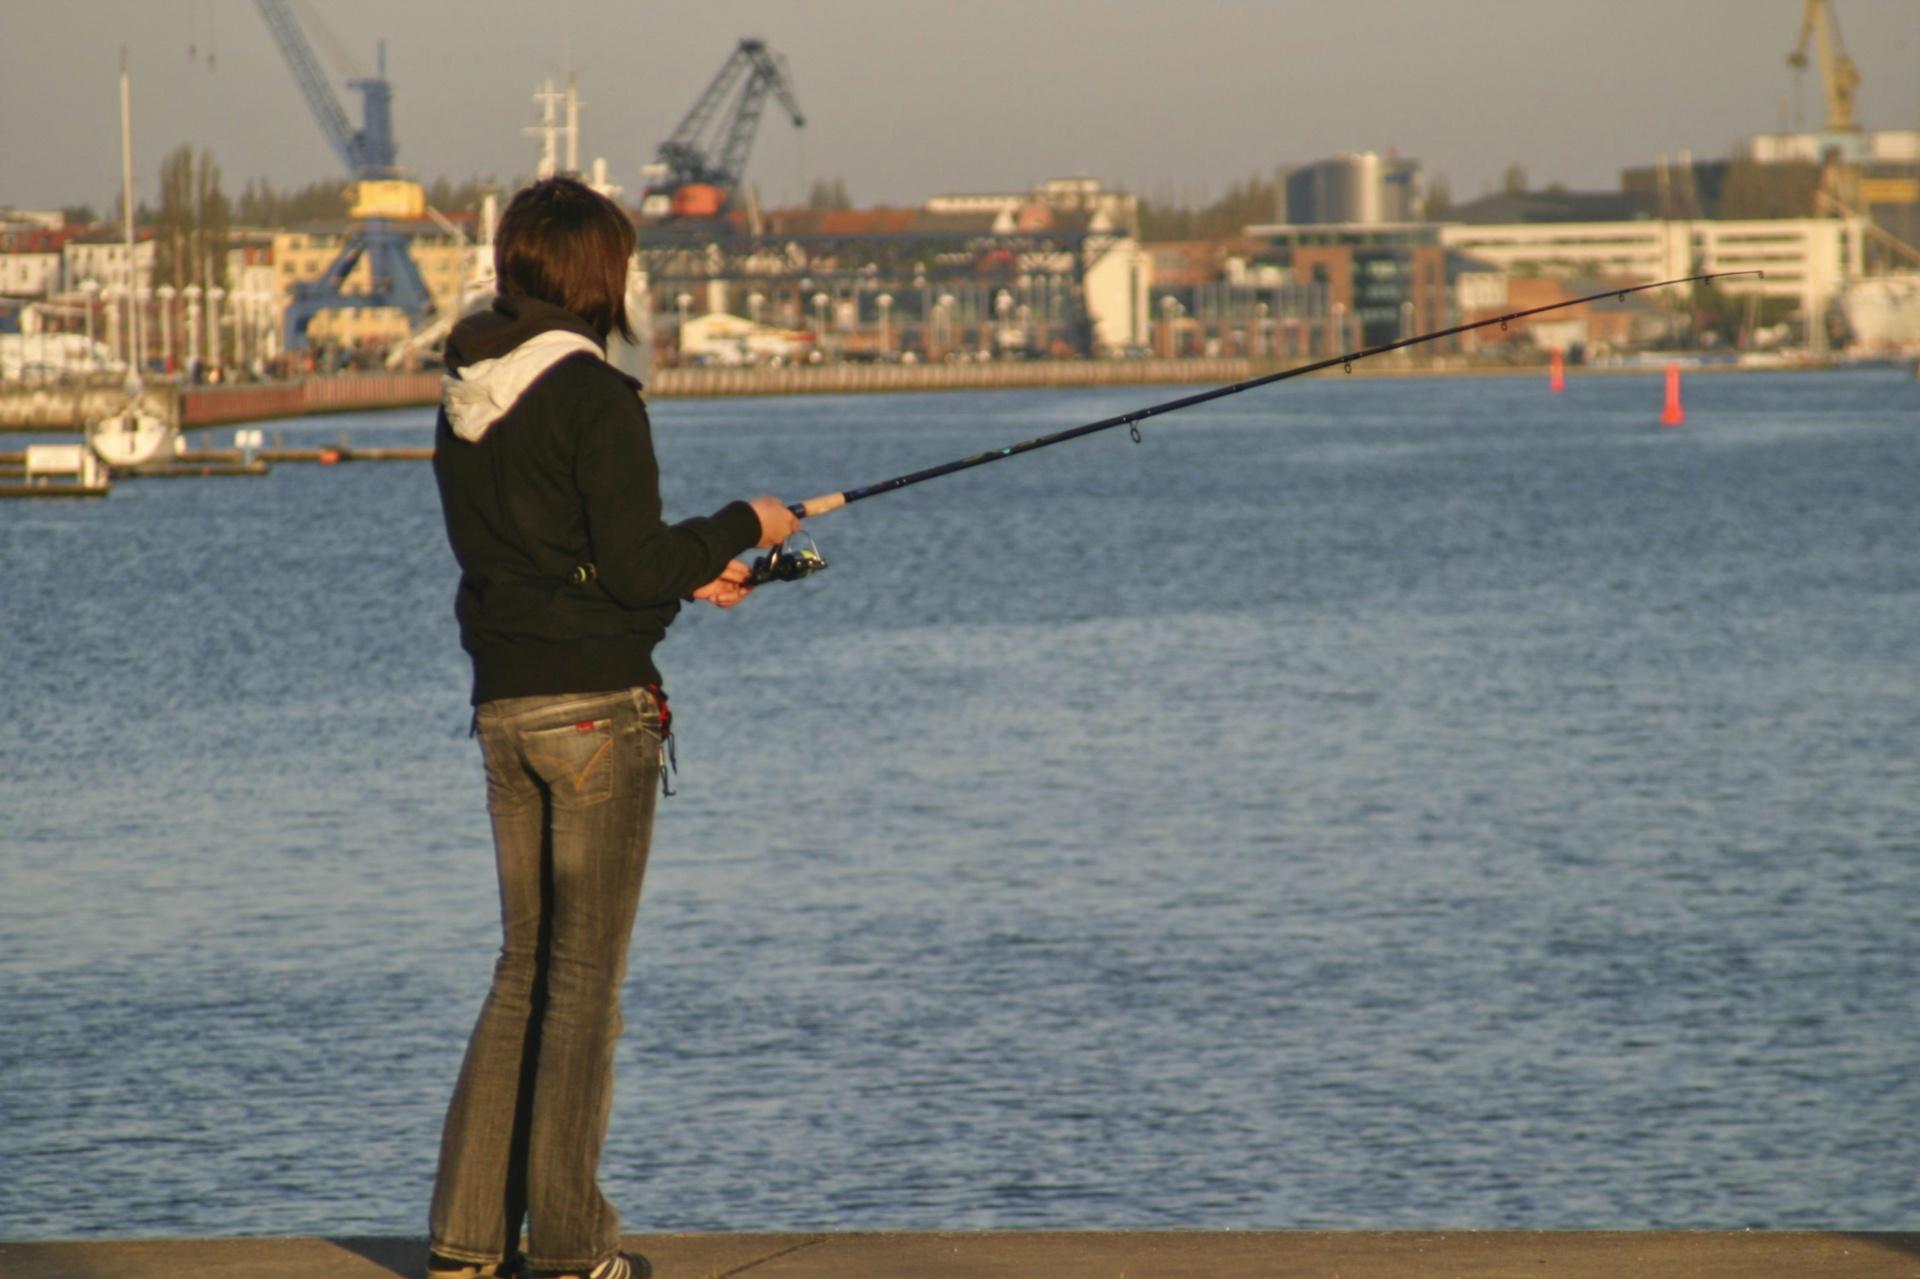 Anglerin im Stadthafen